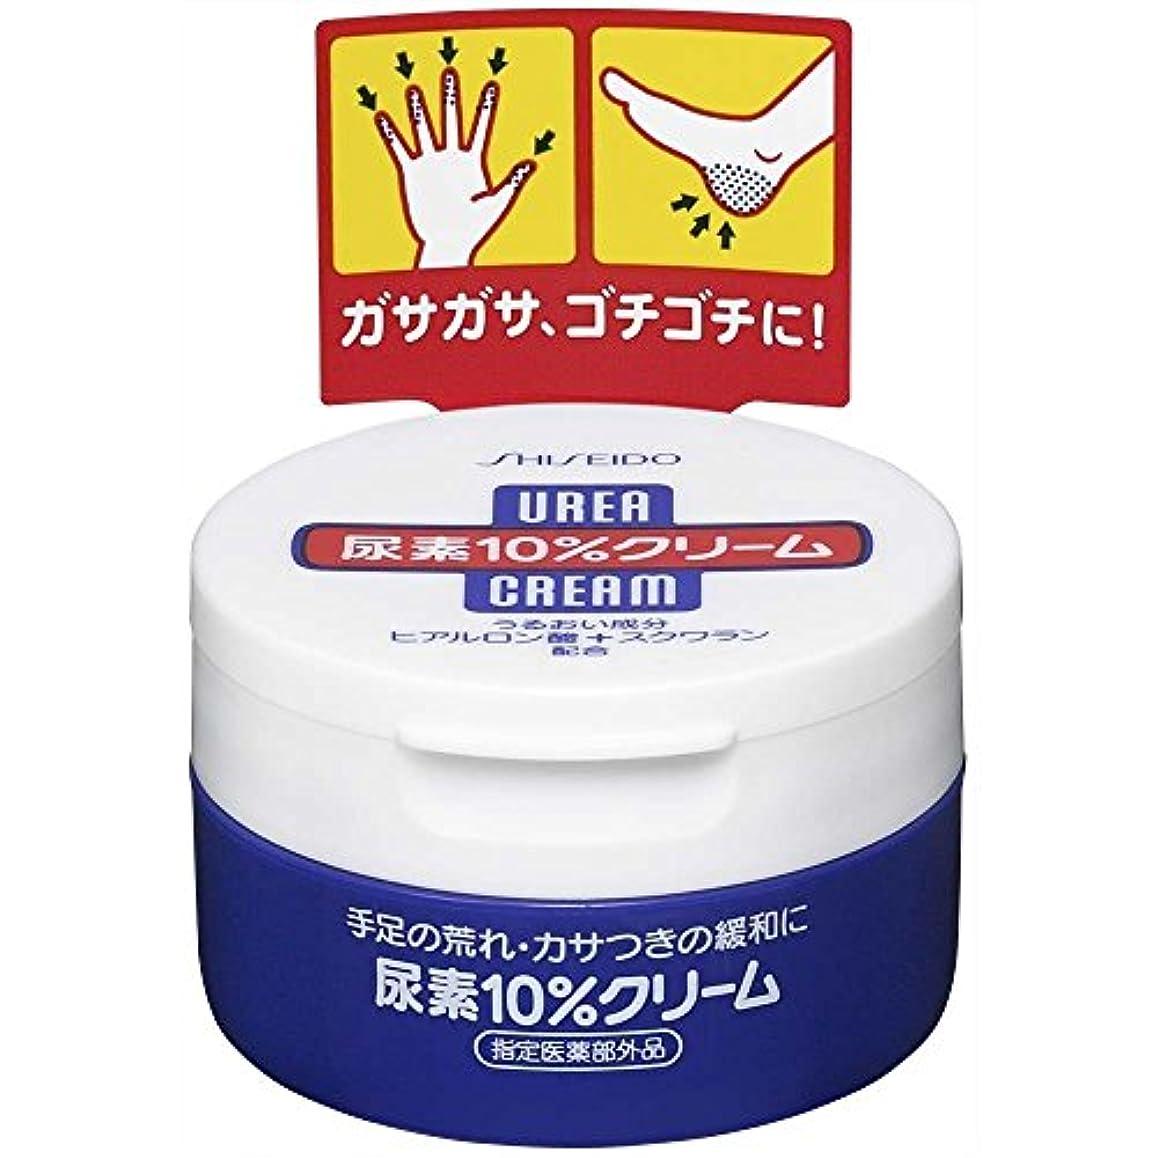 ヒョウ温室魔女資生堂 尿素10%クリーム 100g(医薬部外品)